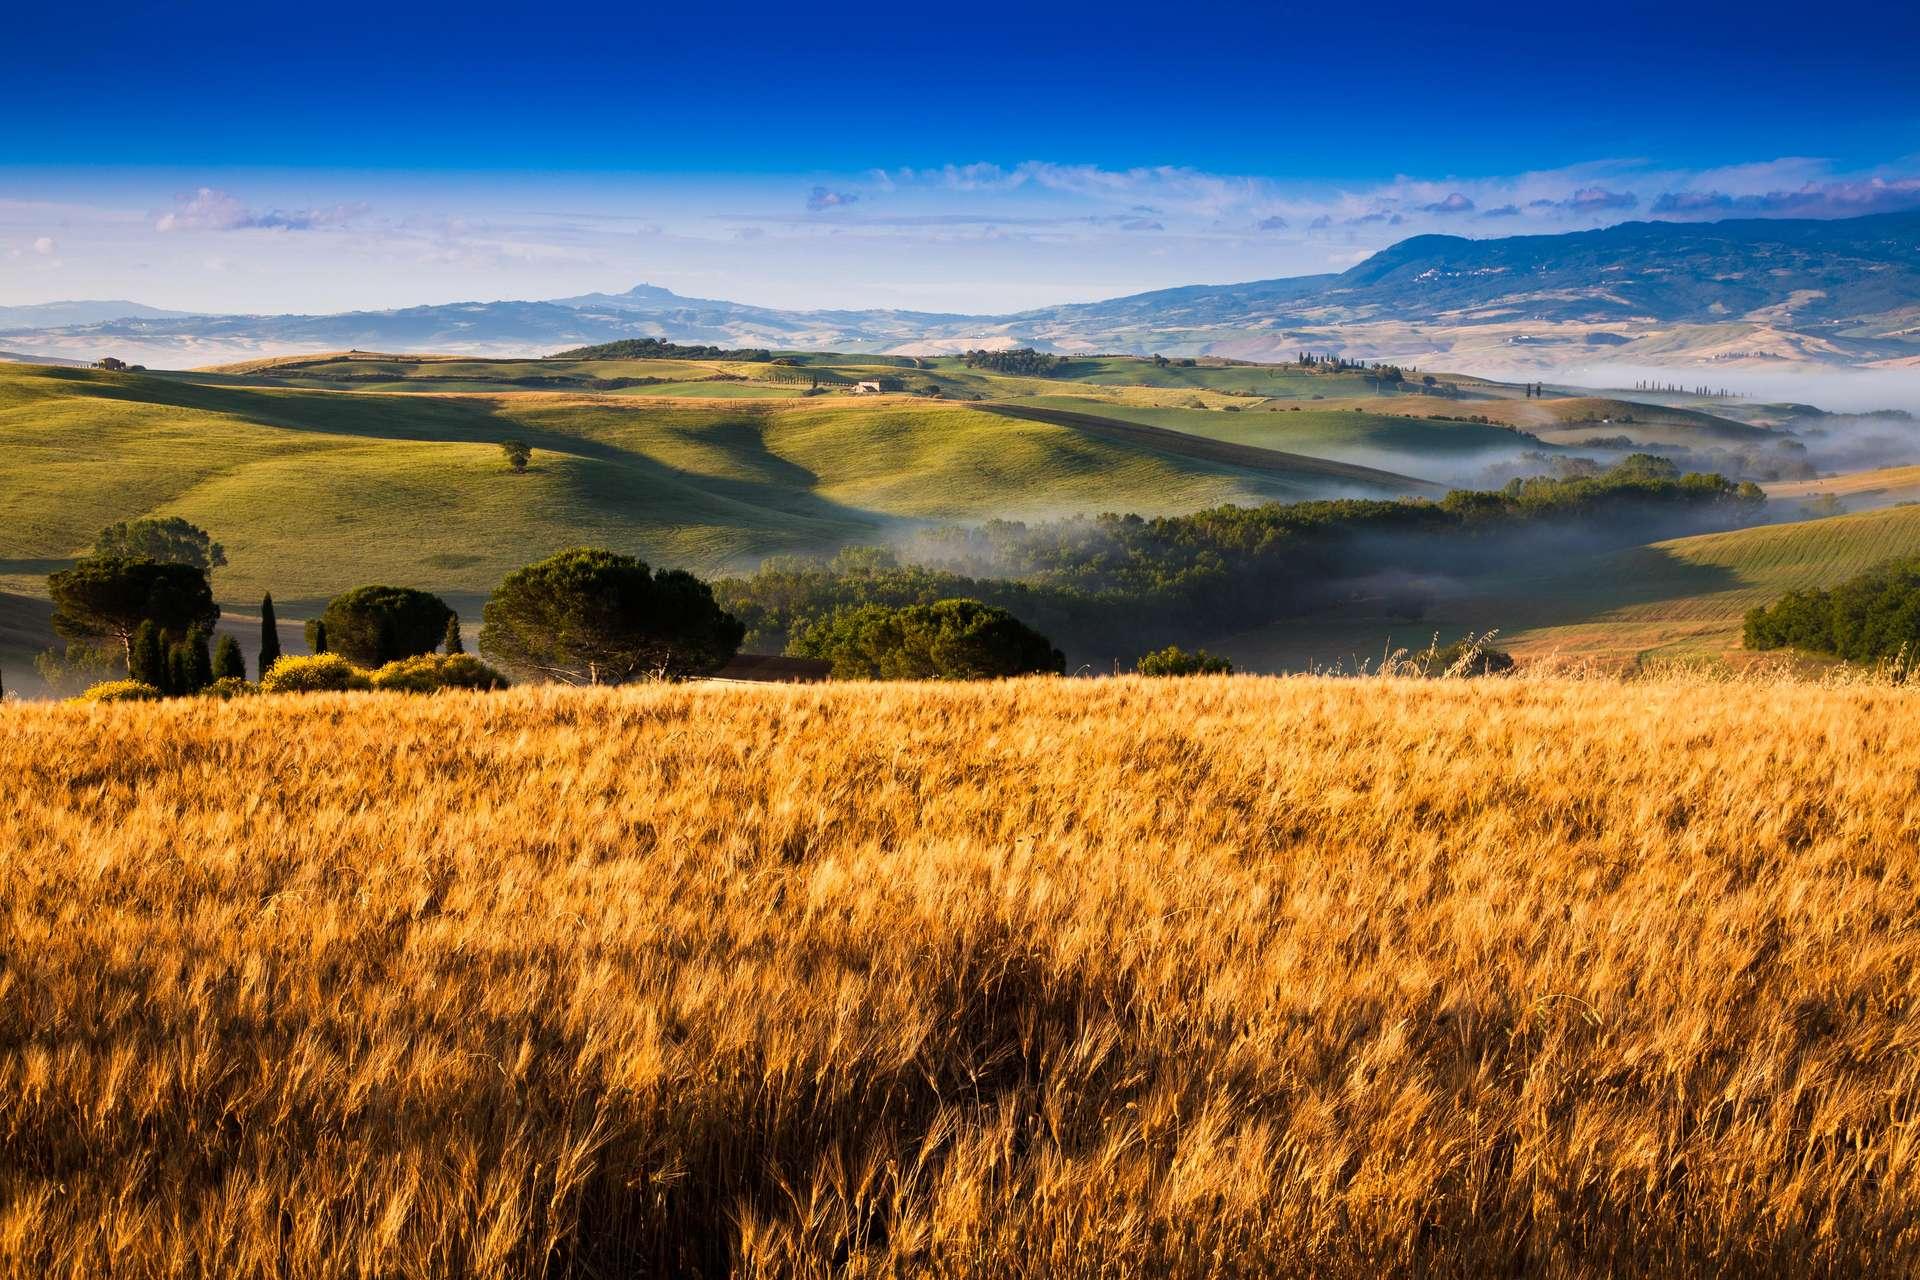 Le biochar, utilisé plus amplement, pourrait réduire de façon significative l'empreinte carbone de l'agriculture. © fotoinfot, Adobe Stock